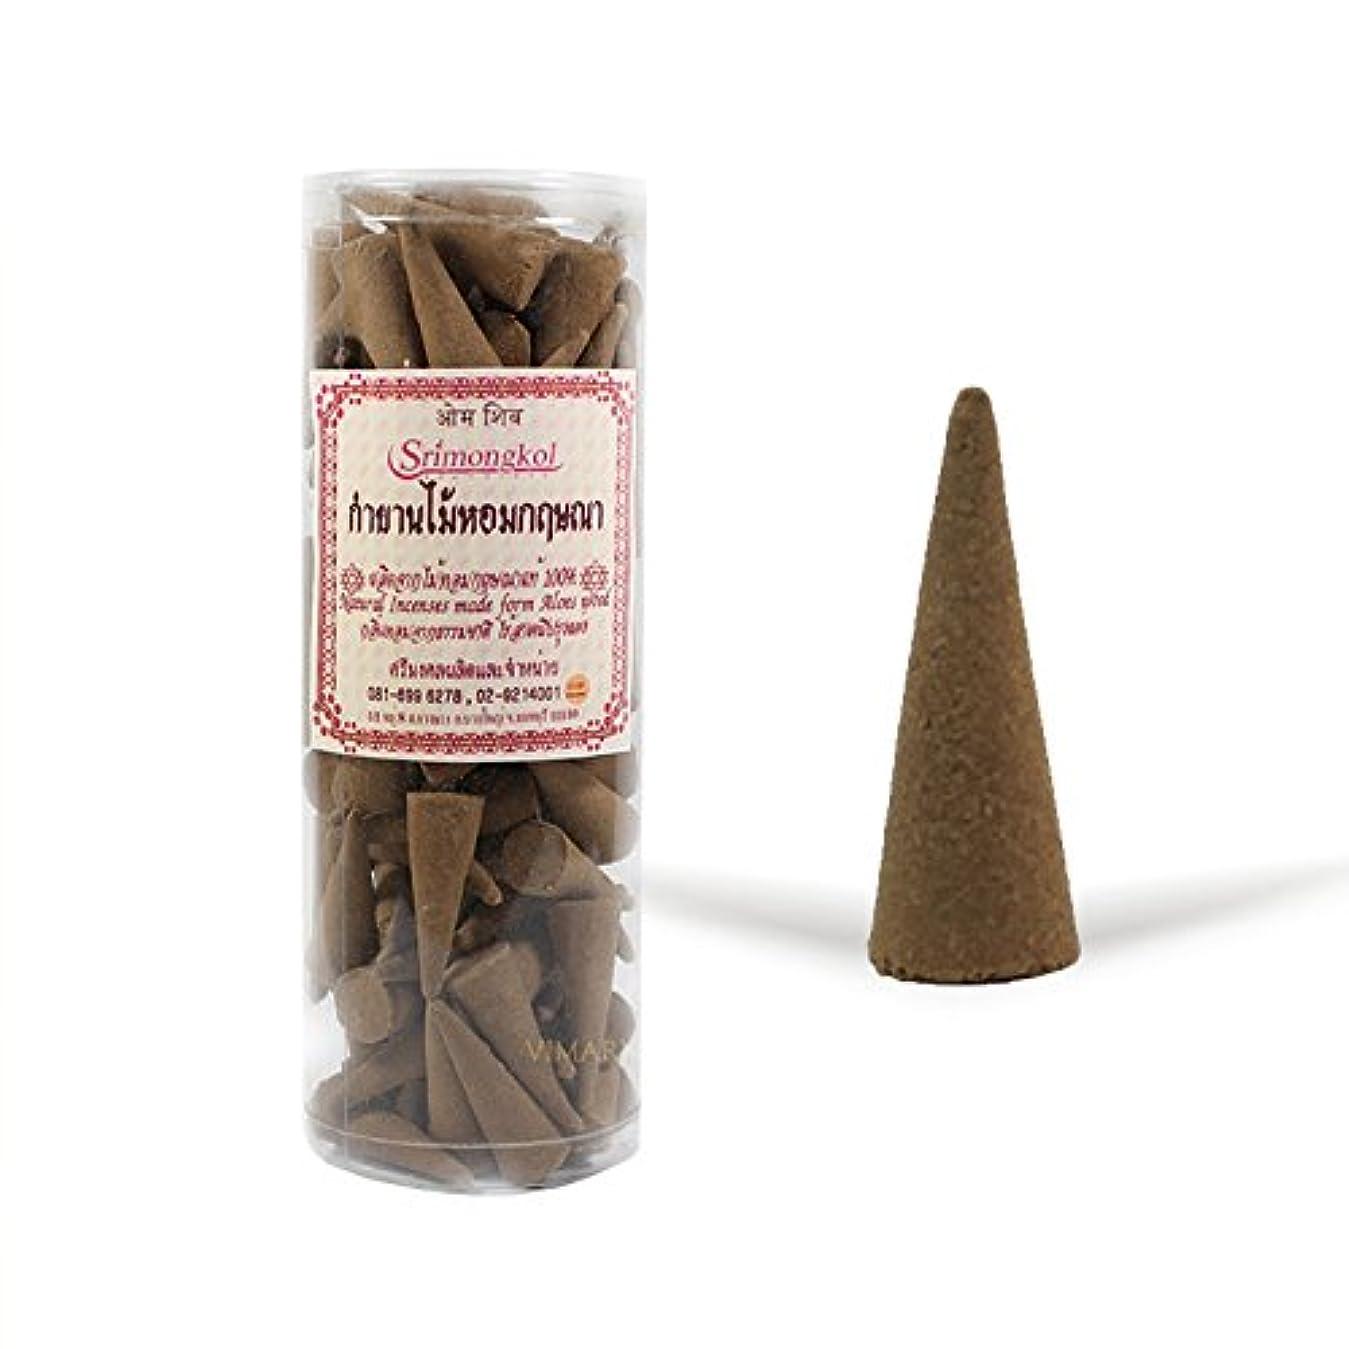 キャンドル高度な知恵Srimongkol Agarwood Natural Incense Cones 300 Grams (No Chemical):::Srimongkol Agarwoodナチュラル香コーン300グラム(化学薬品なし)